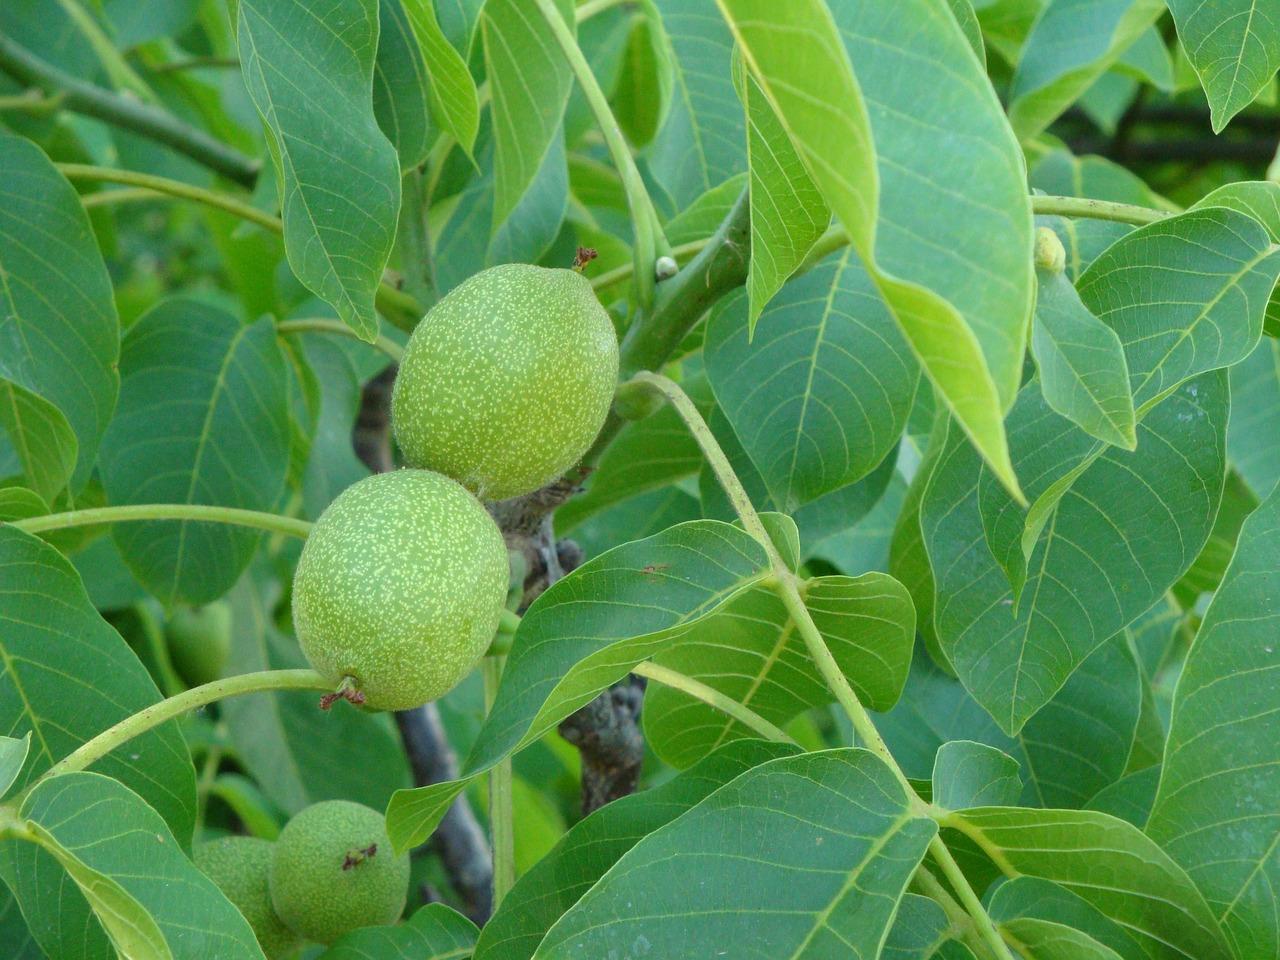 крепёжное изделие ореховые деревья фото чуть отойти